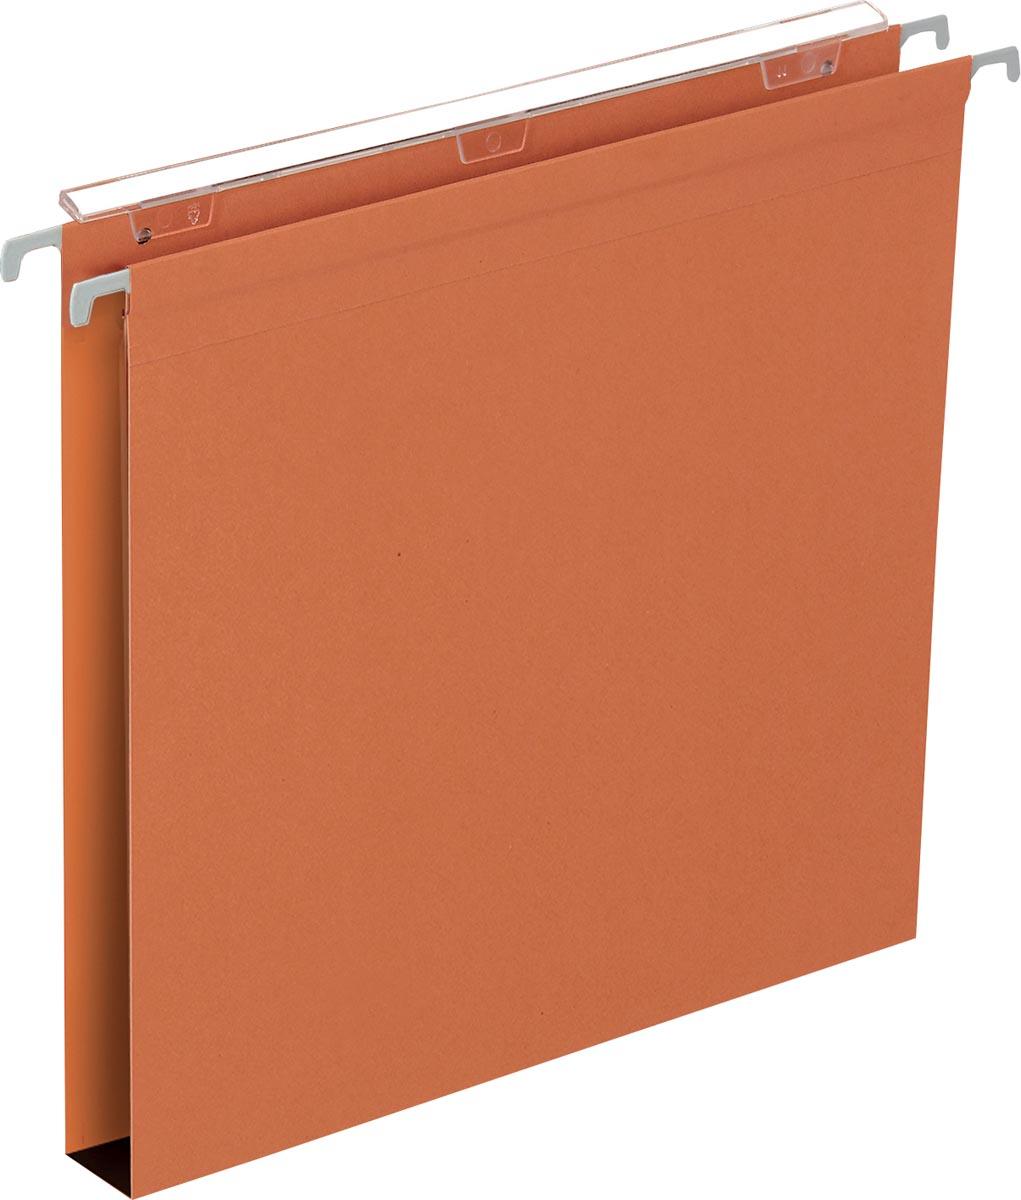 Pergamy Defi hangmap folio, bodem 30 mm, oranje, pak van 25 stuks